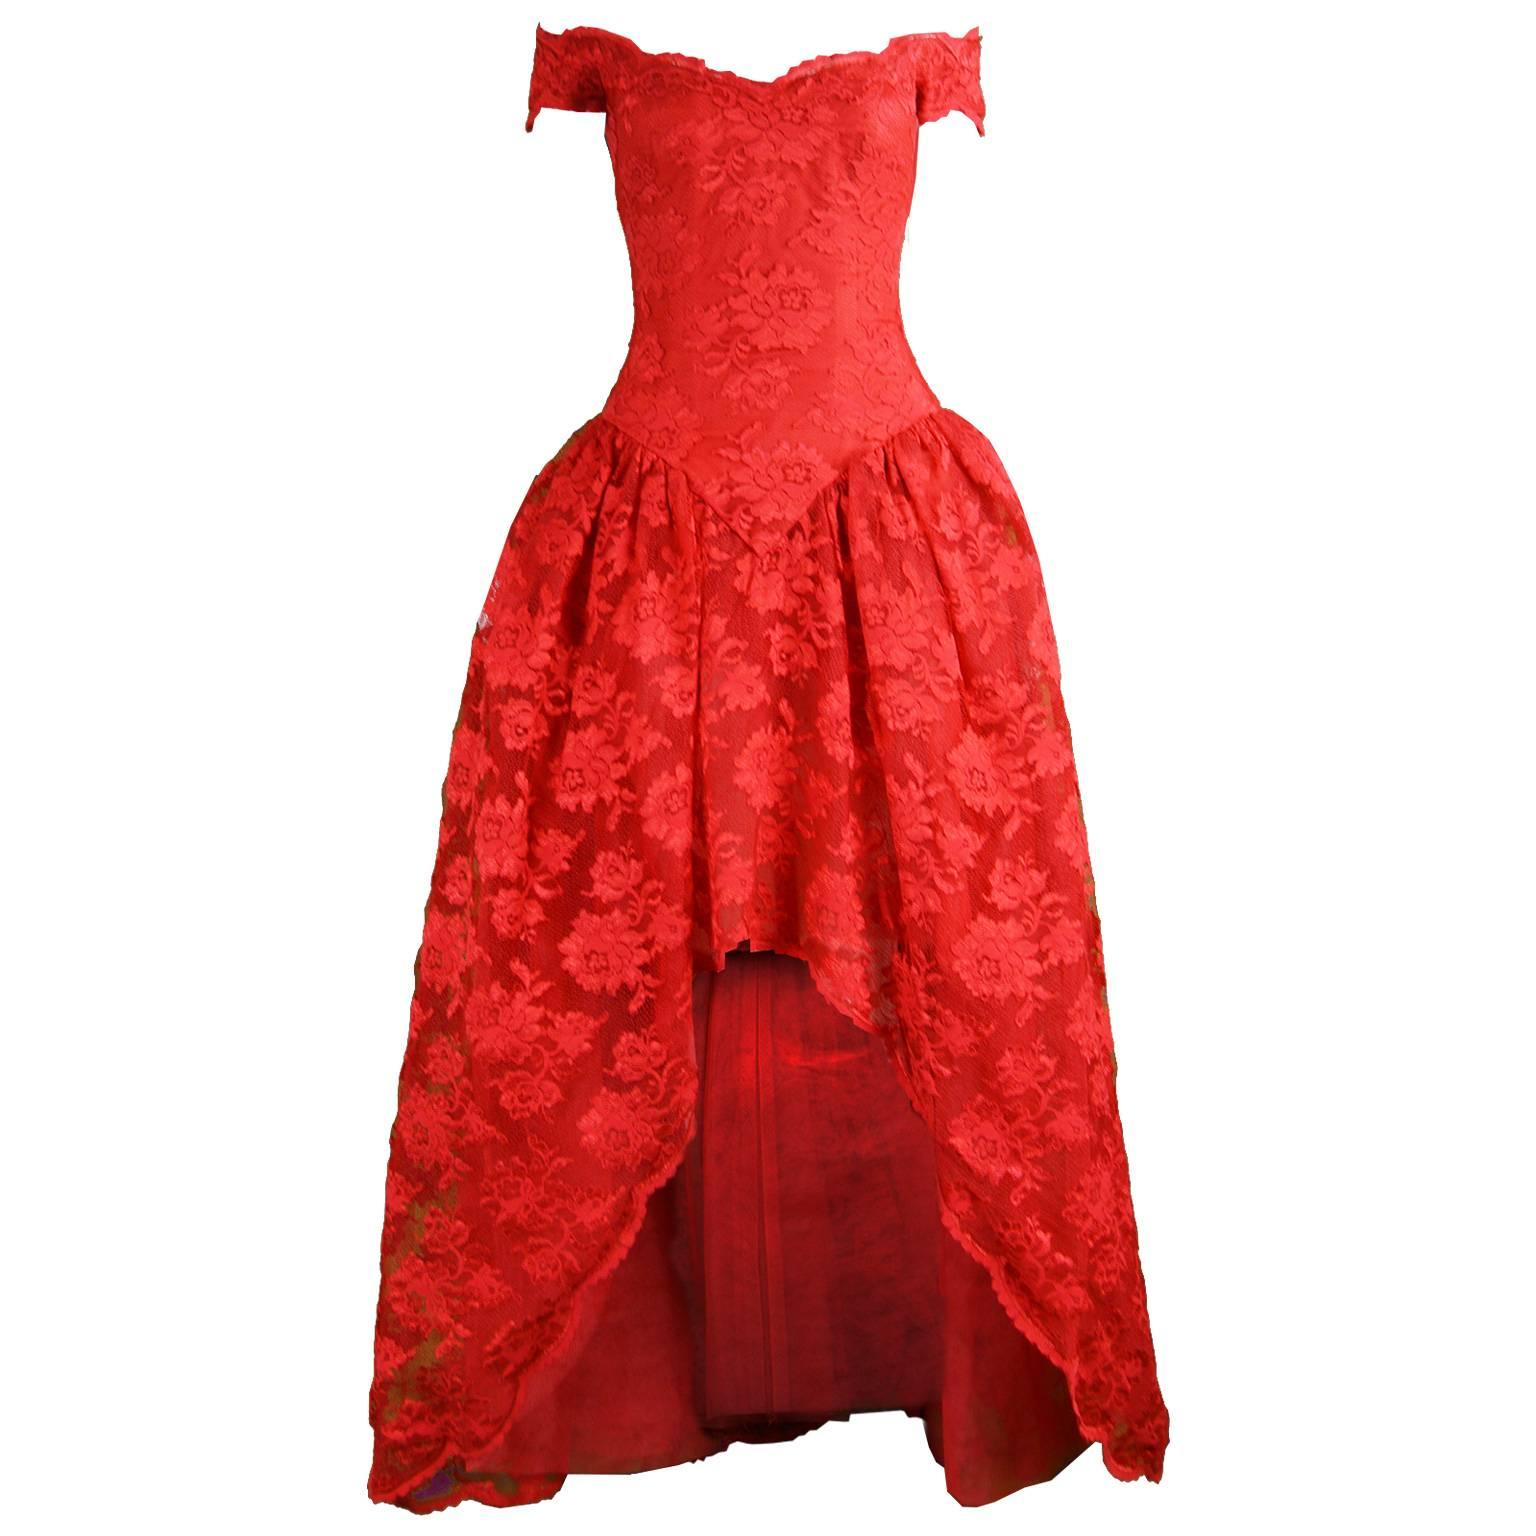 Vintage red cocktail dress